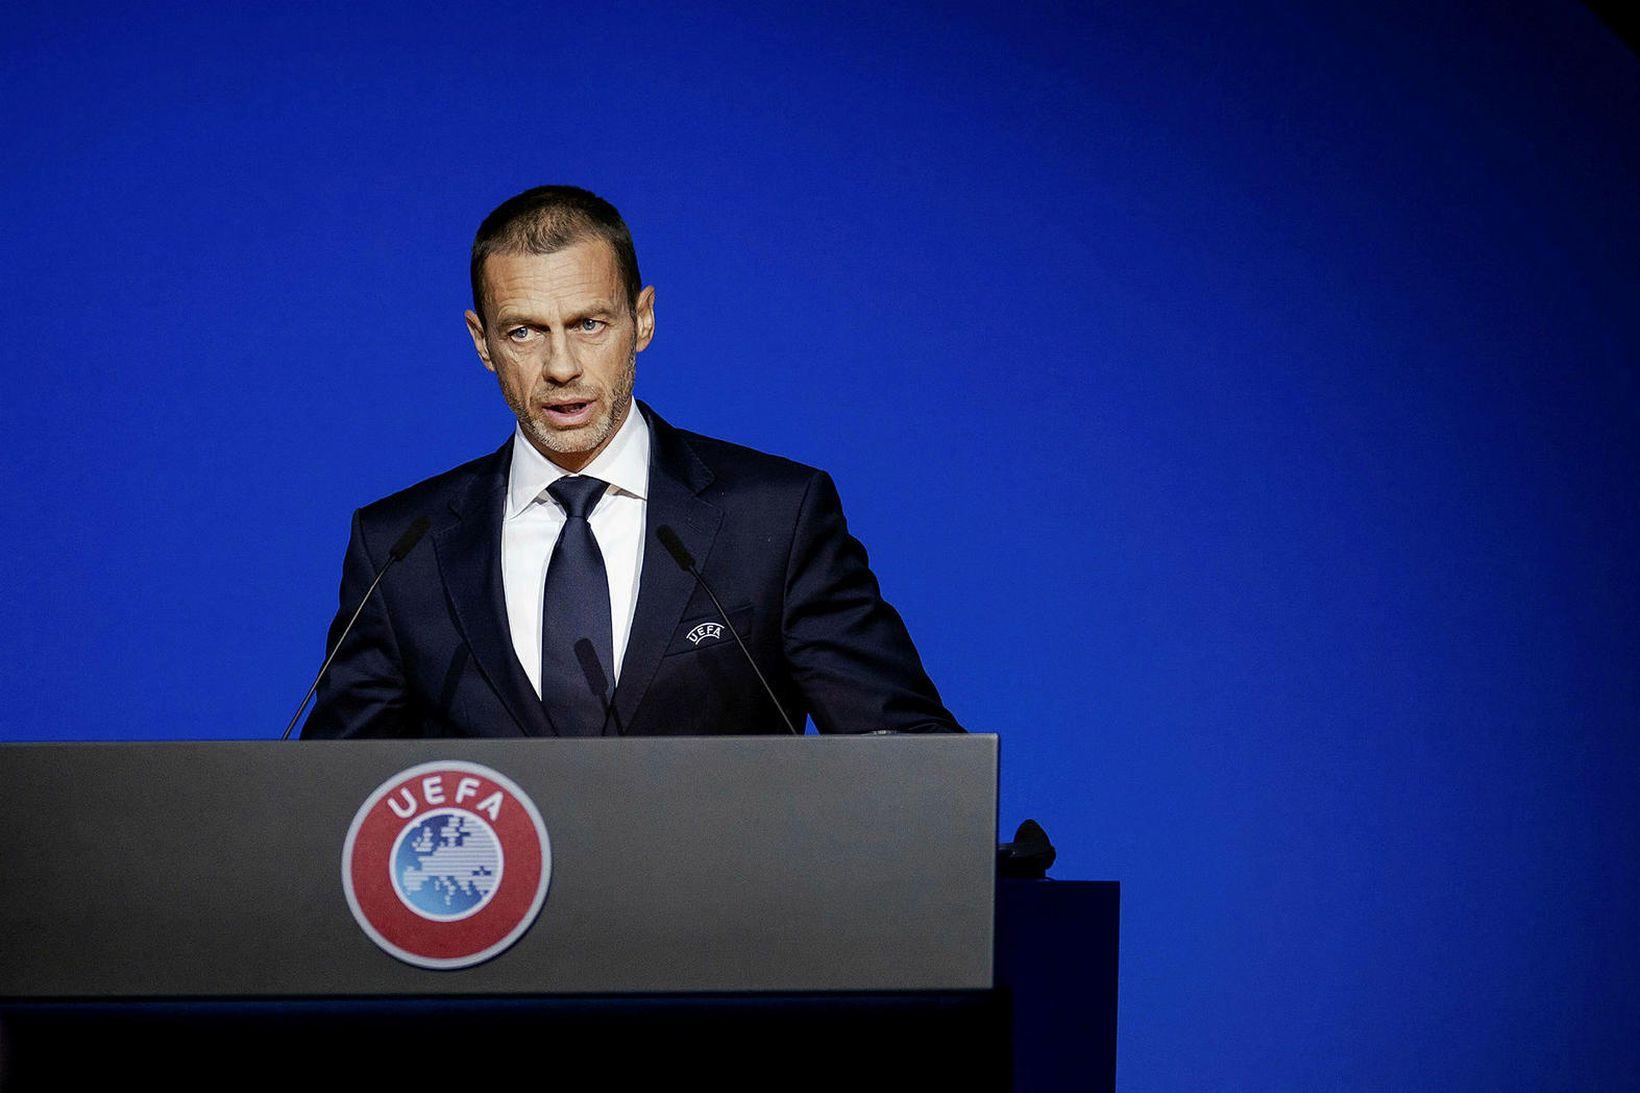 Aleksander Ceferin forseti fer fyrir vinnuhópi UEFA um nýtt skipulag …